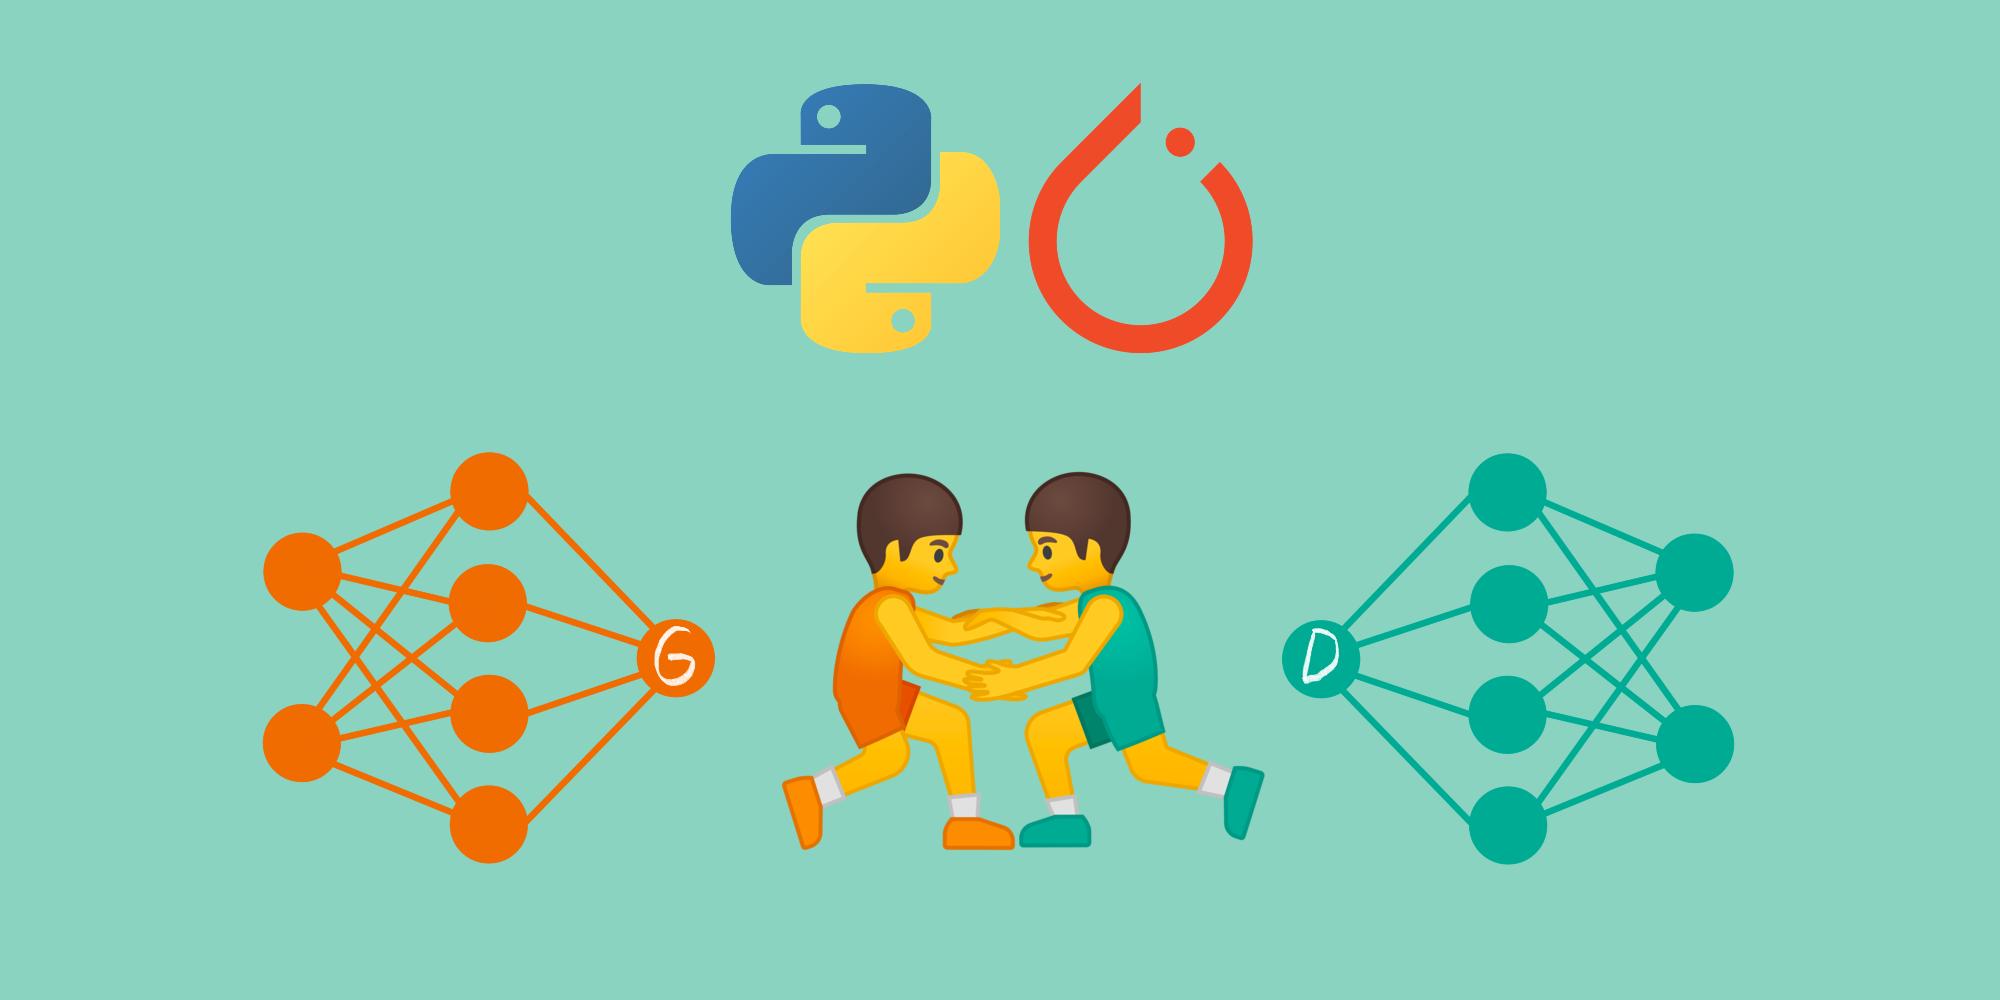 🤼 Генеративно-состязательная нейросеть: ваша первая GAN-модель на PyTorch